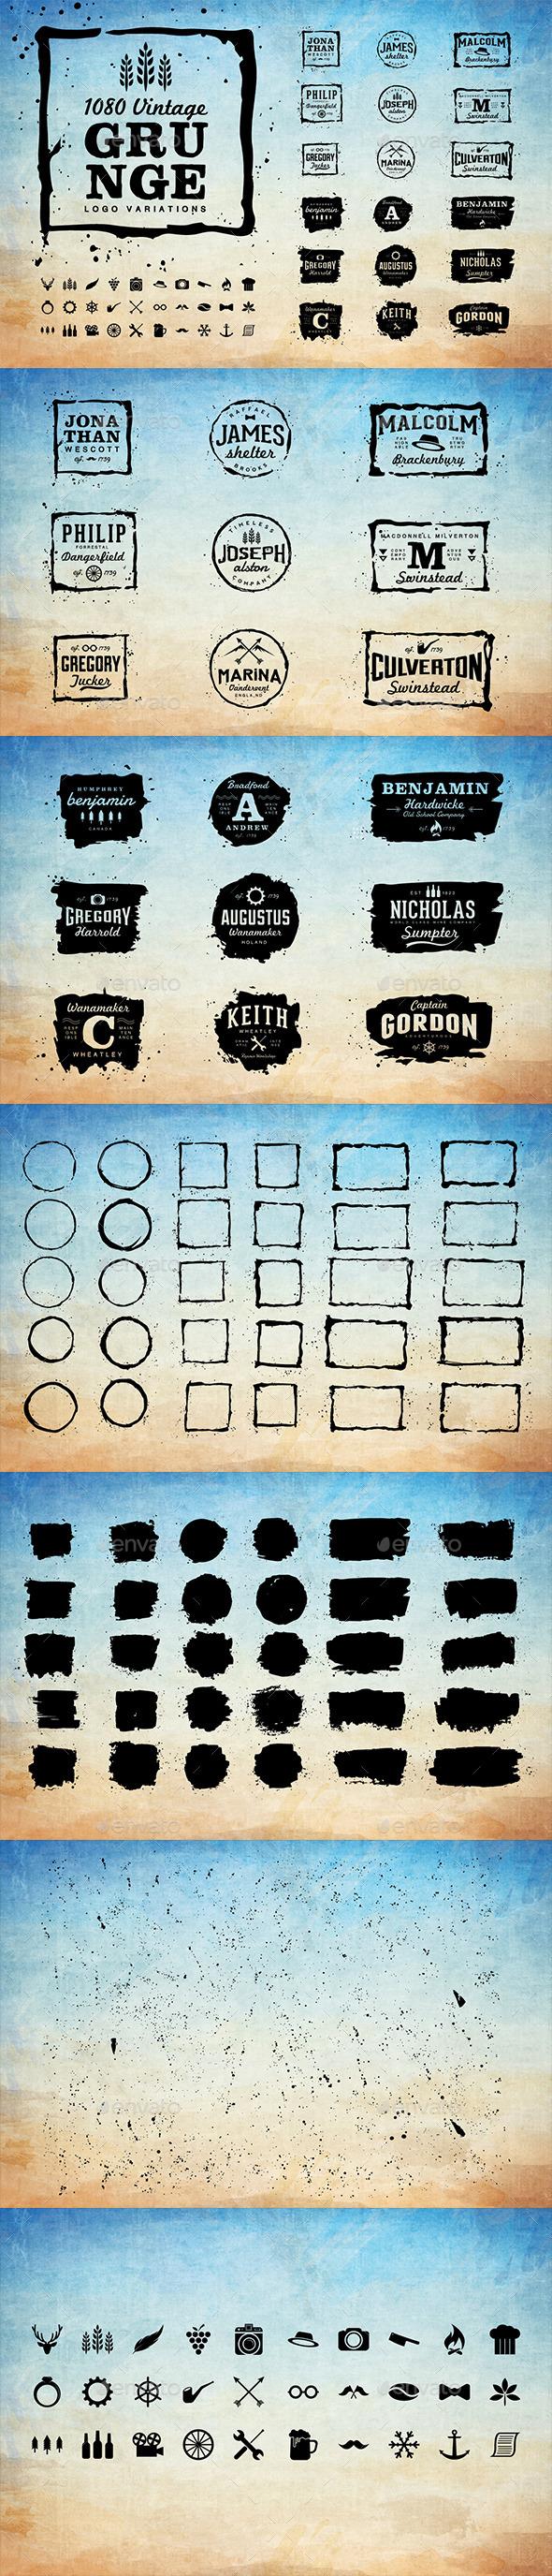 GraphicRiver 1080 Vintage Grunge Logo Variations 11893935